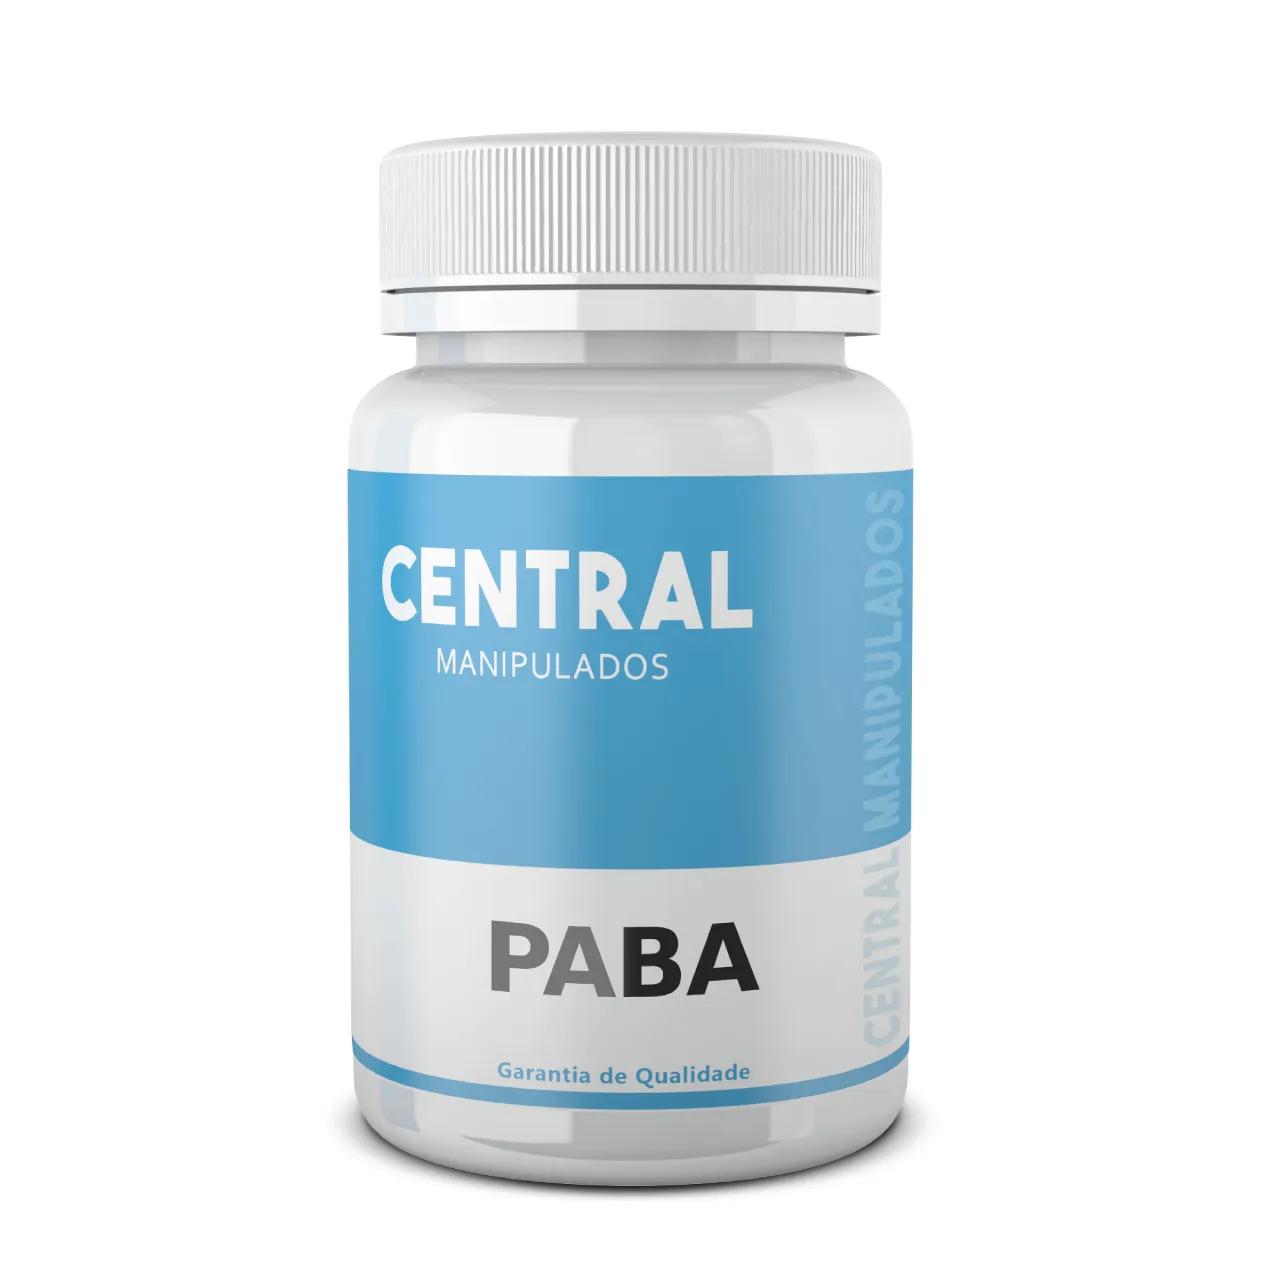 PABA 20mg - 60 cápsulas - Previne e evita queda capilar, Melhora Problemas Intestinais, Previne o câncer de pele e coloração desigual da pele